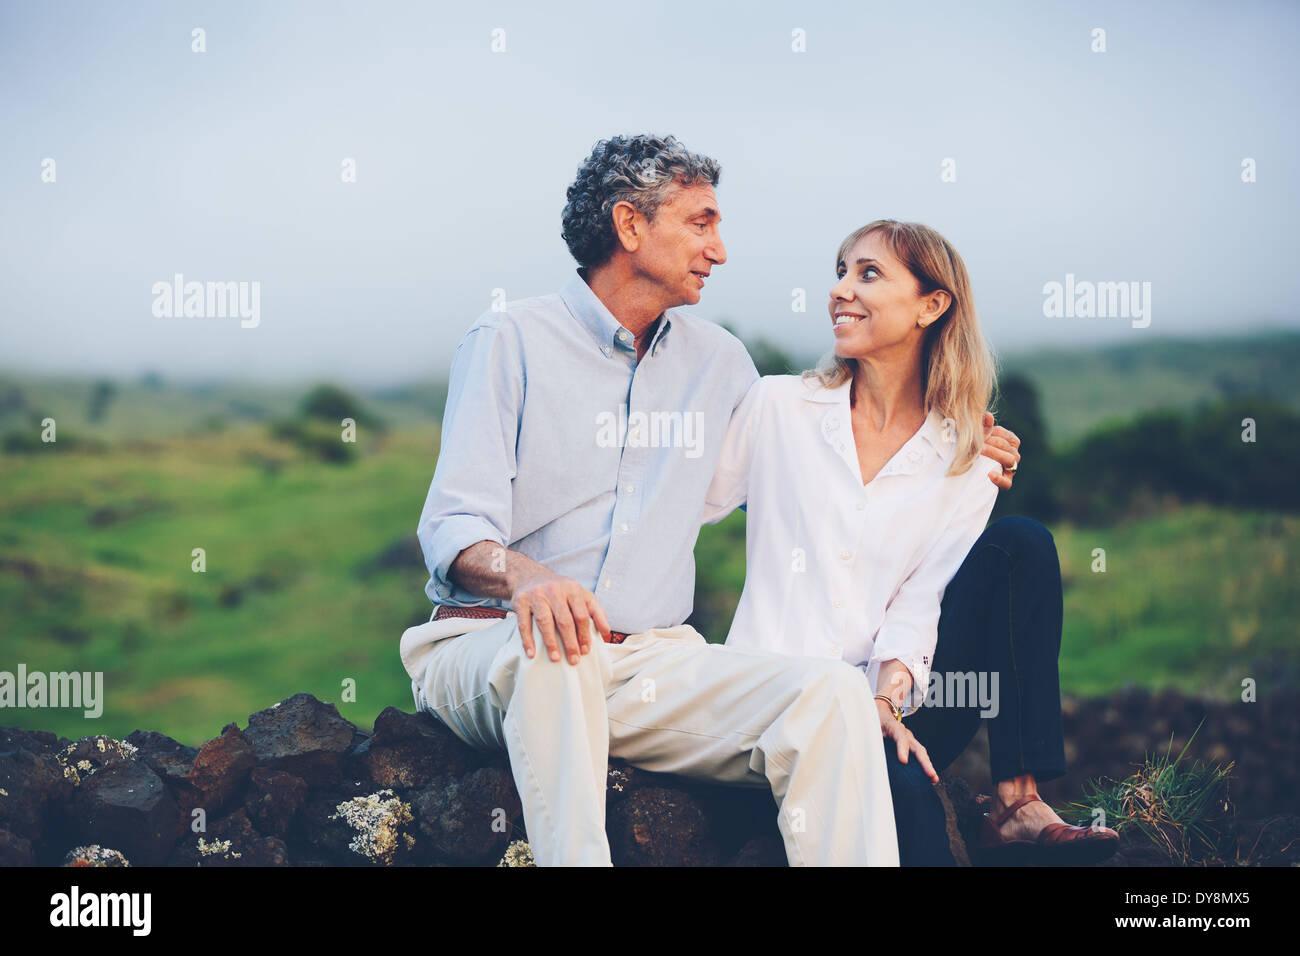 Feliz pareja de mediana edad amorosa Imagen De Stock